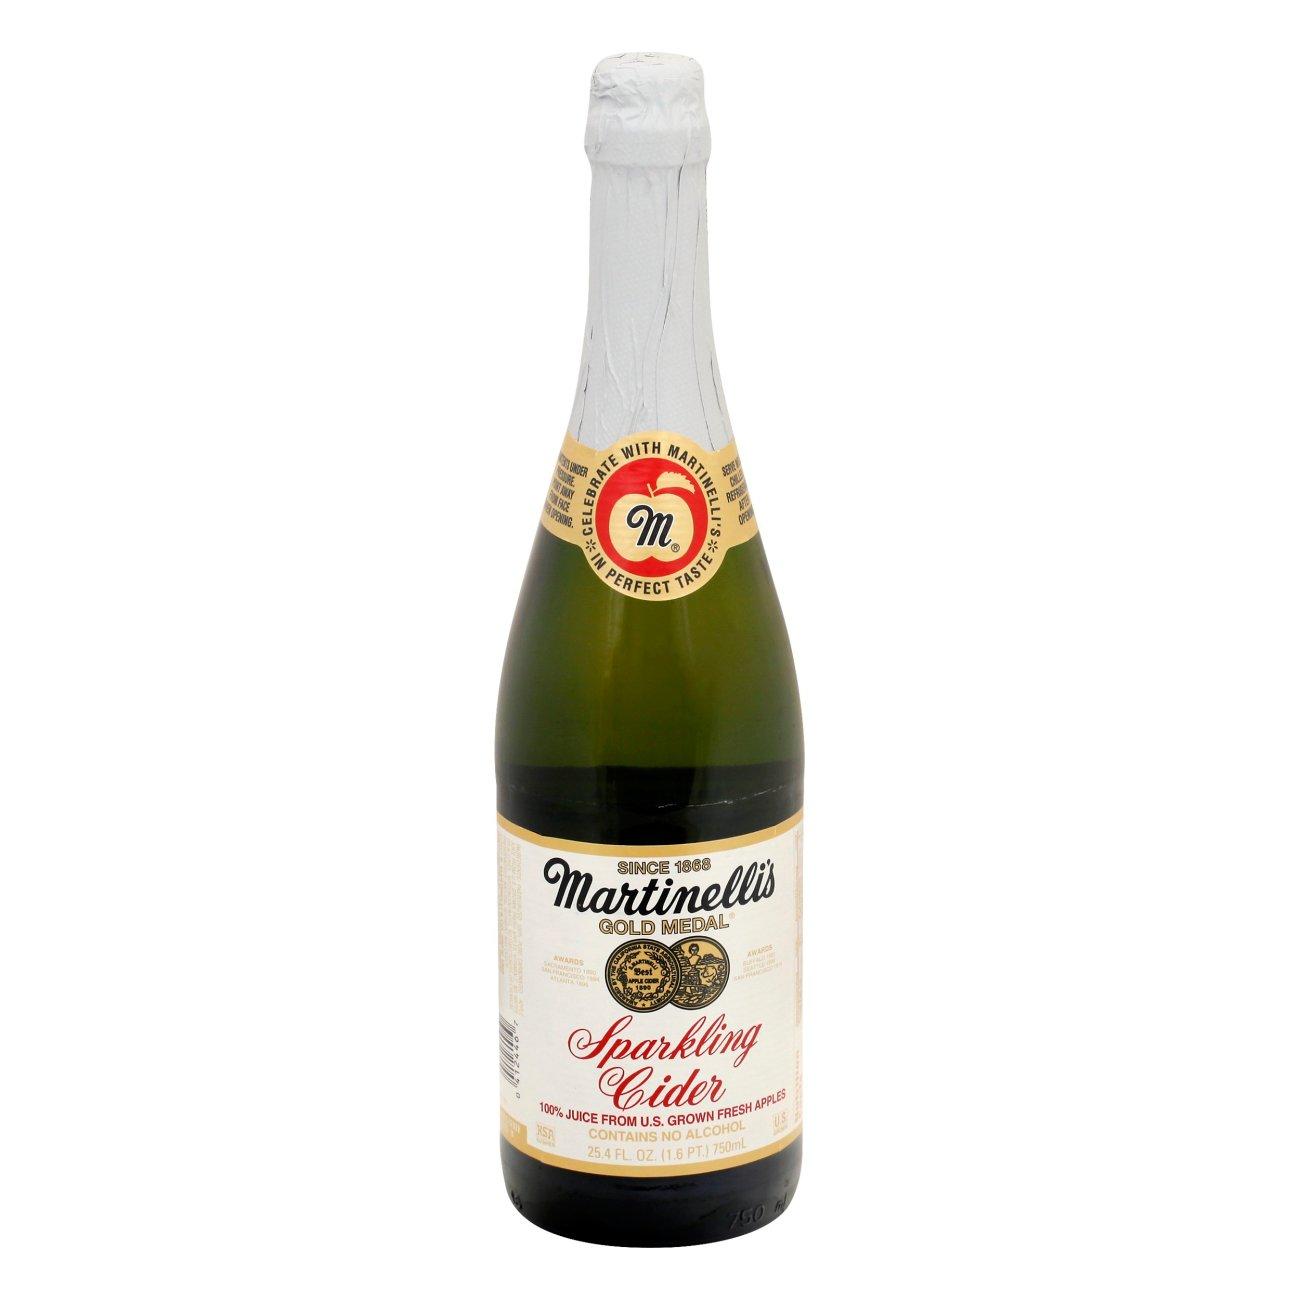 Martinelli's Gold Medal Sparkling Cider